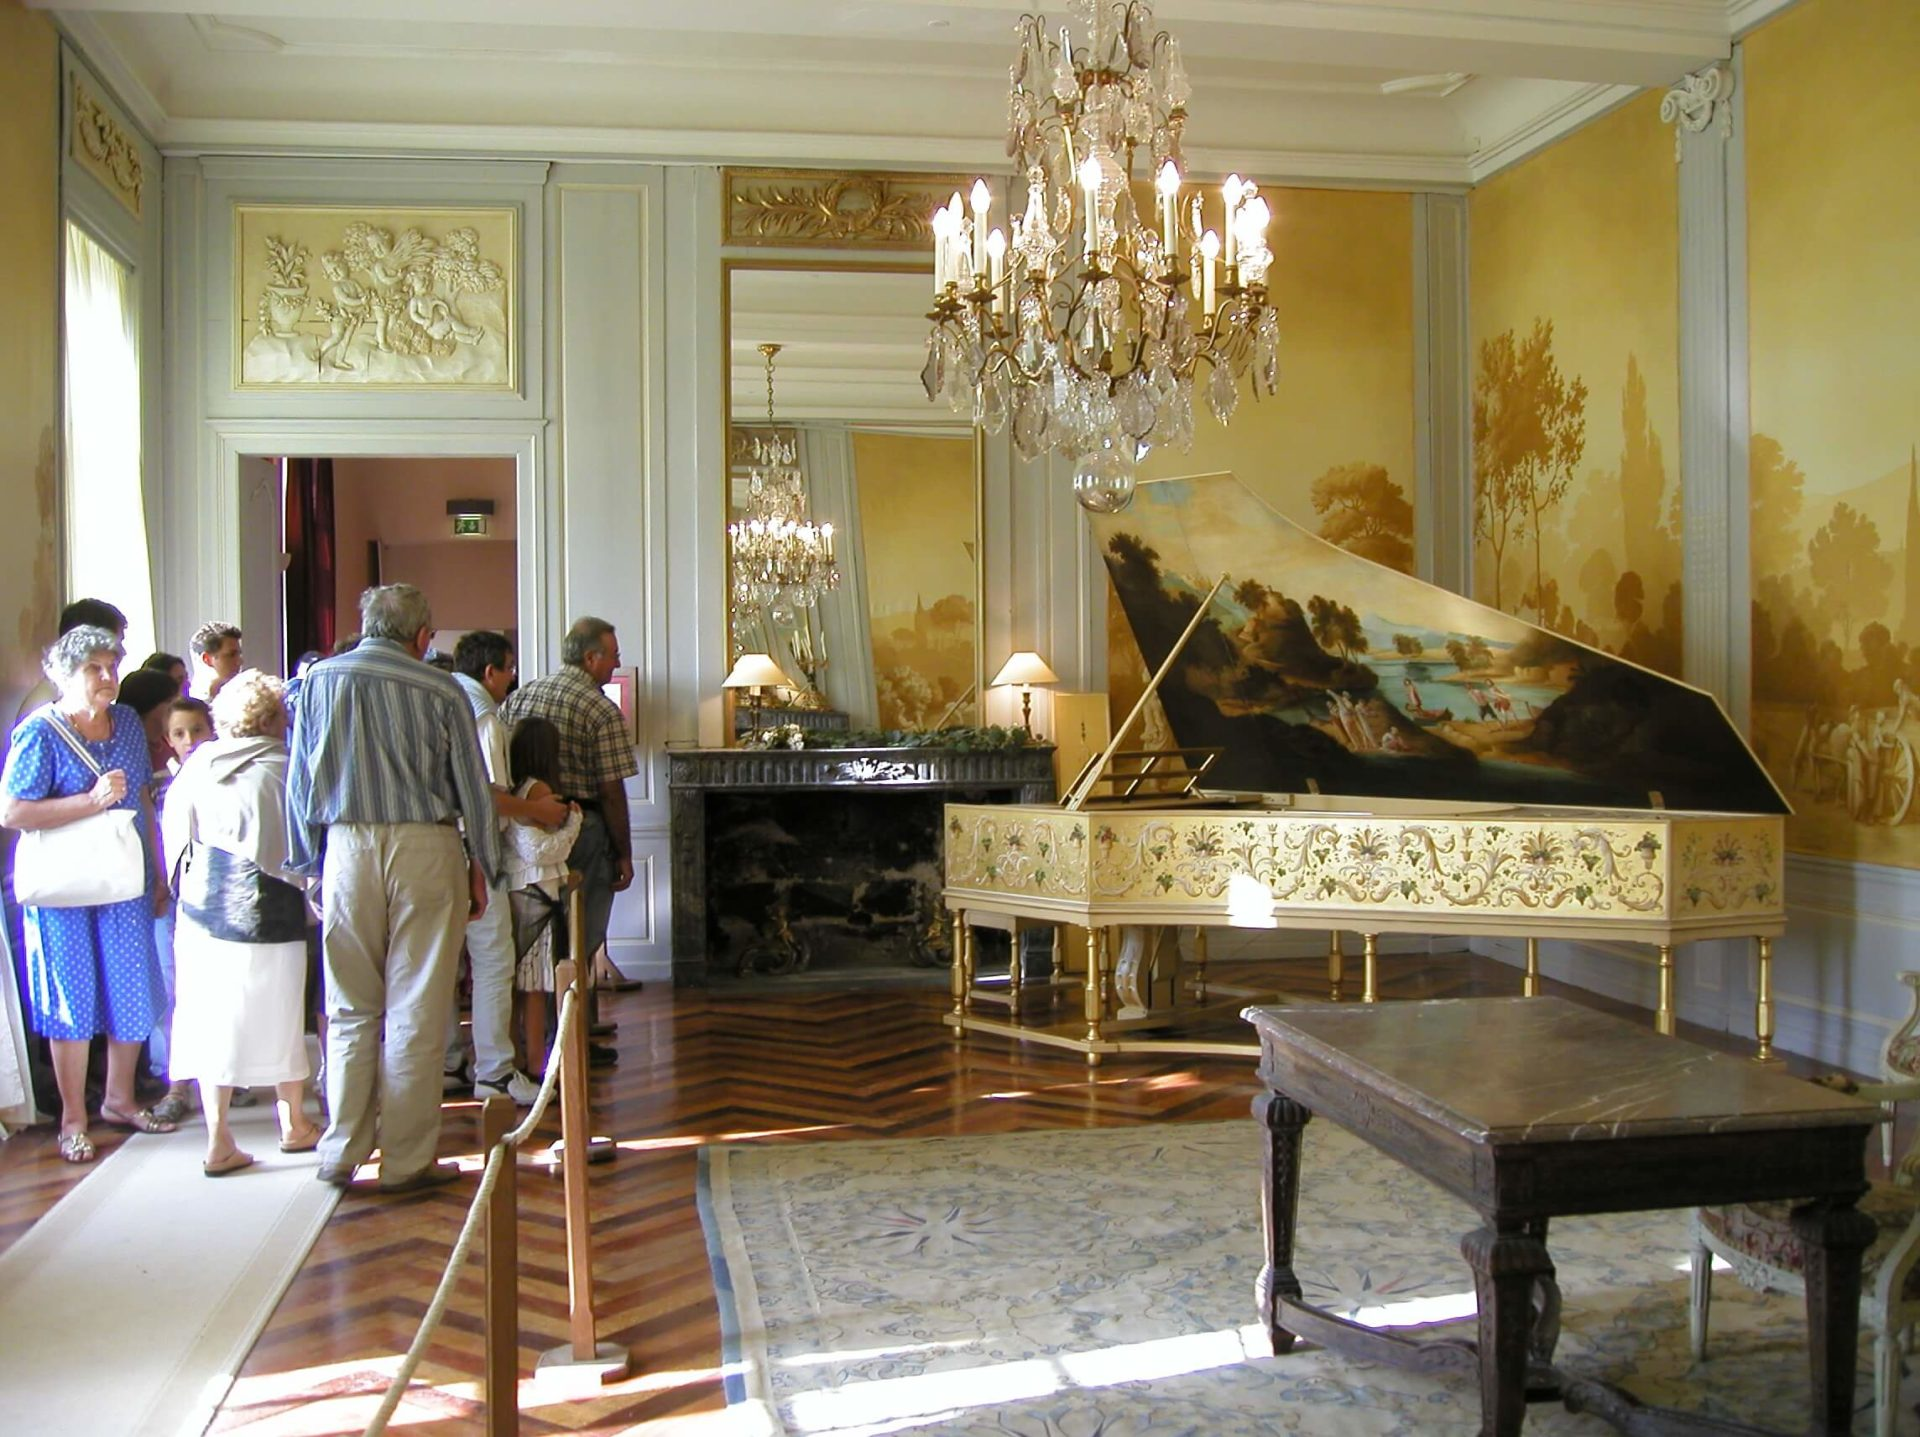 Photographie : derrière un cordon le public écoute le clavecin dans un salle luxueuse 18ème siècle